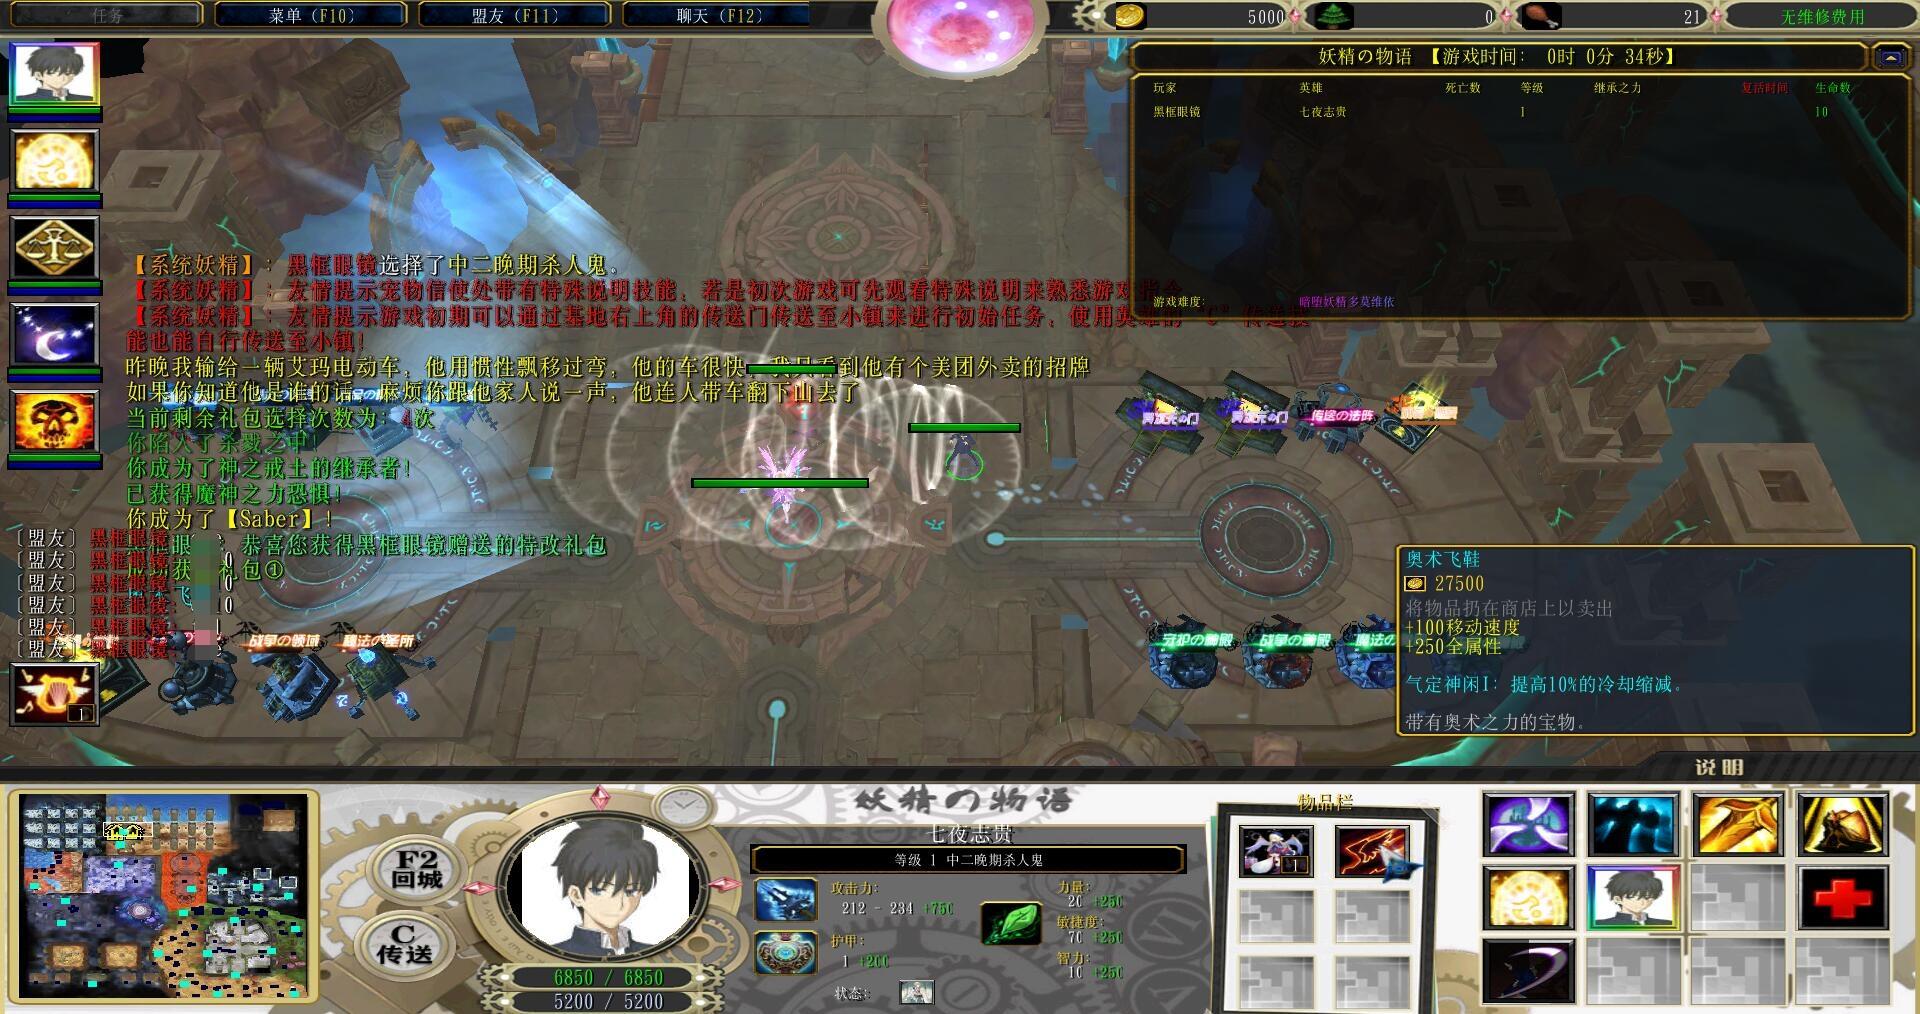 妖精の物语3.06a黑式破解